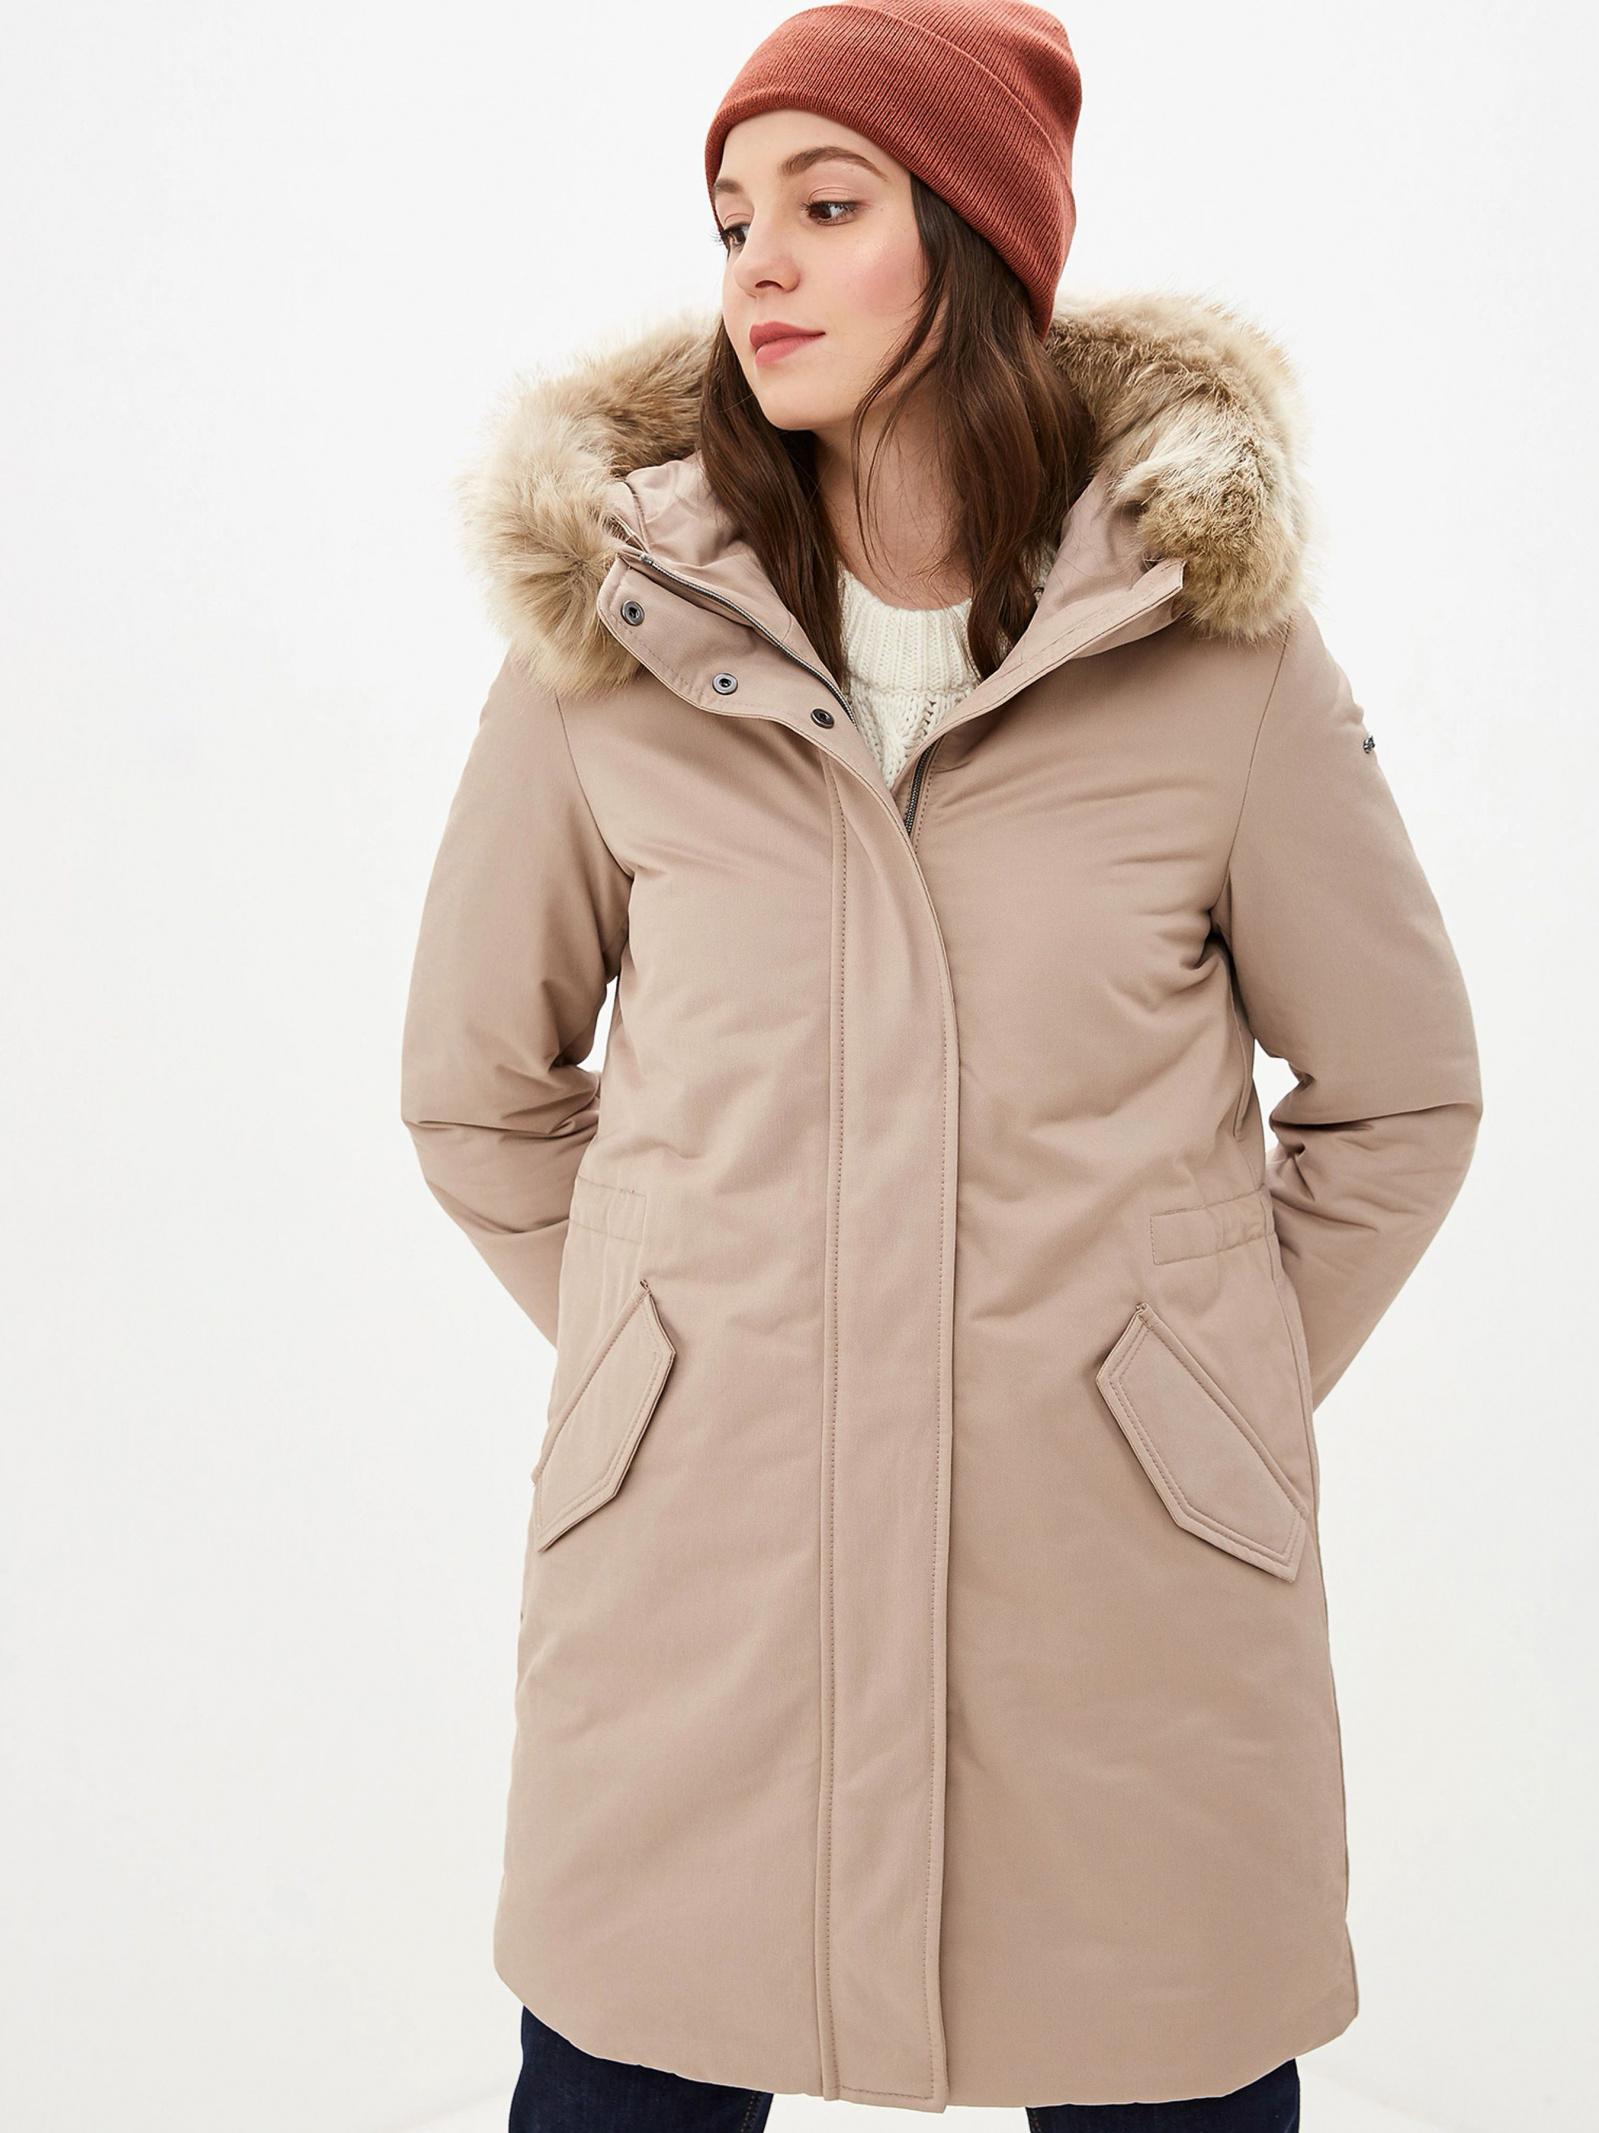 Куртка женские Geox модель XA6093 отзывы, 2017